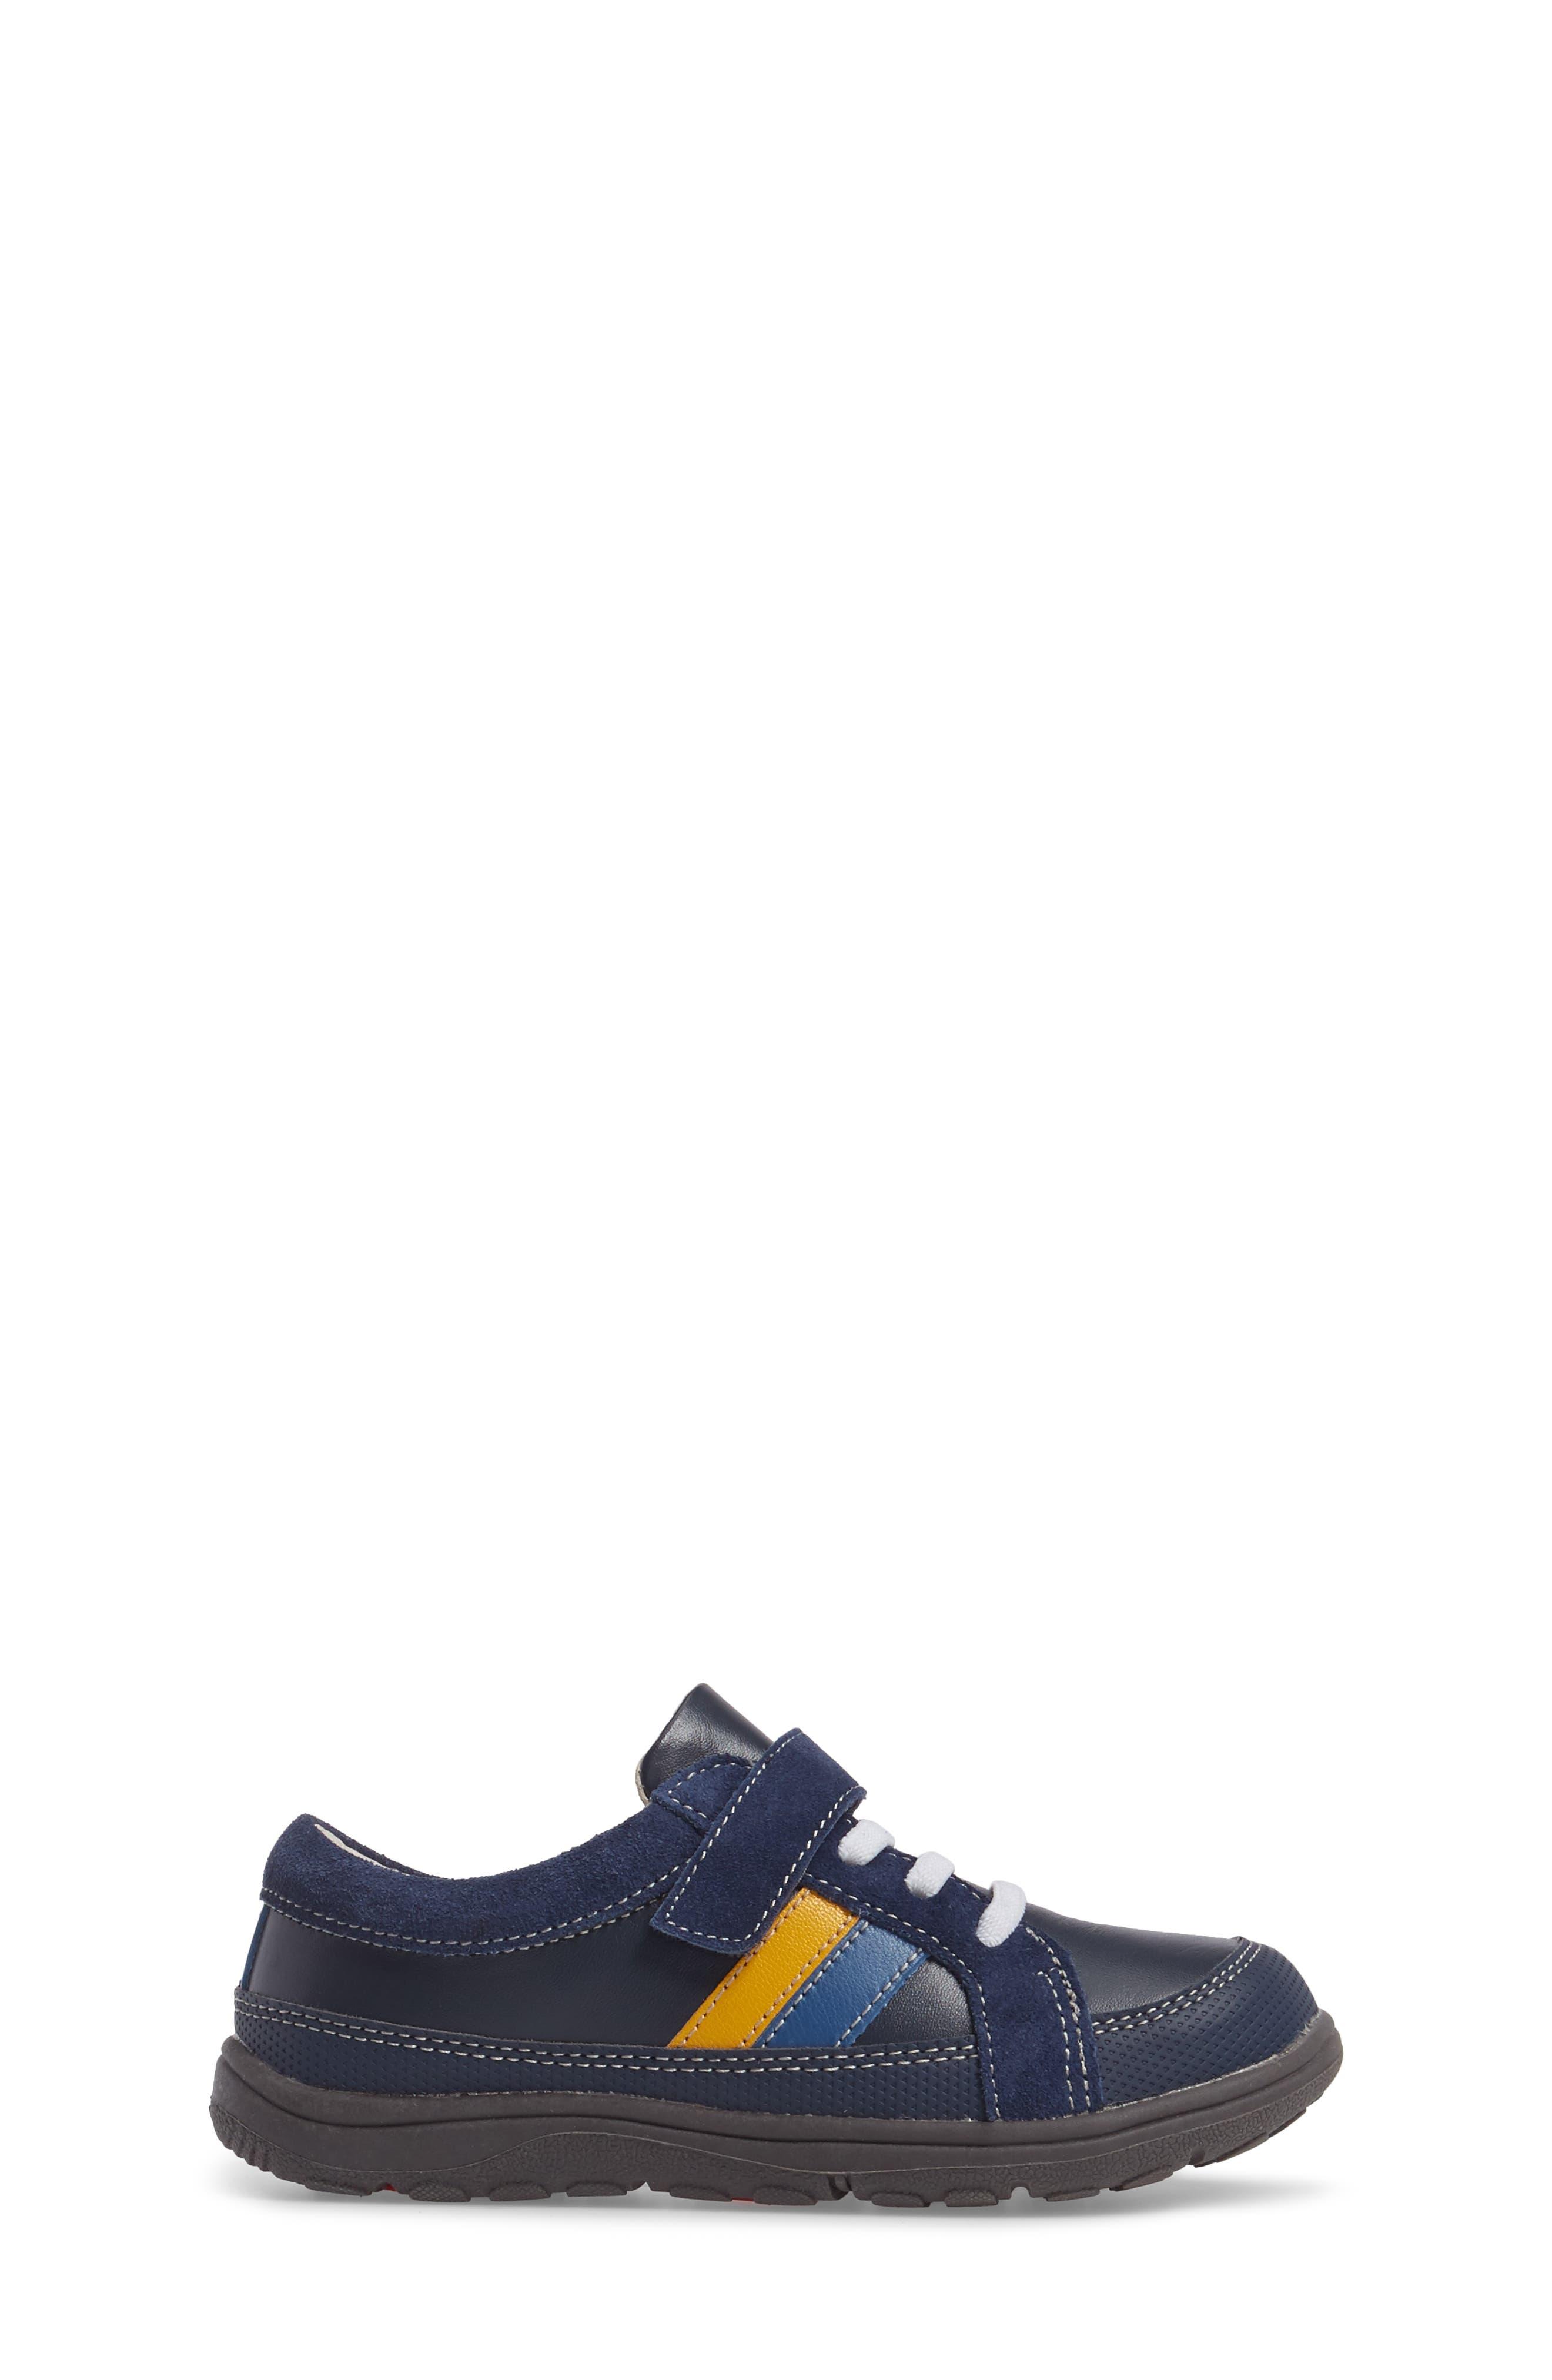 'Randall' Sneaker,                             Alternate thumbnail 3, color,                             Navy